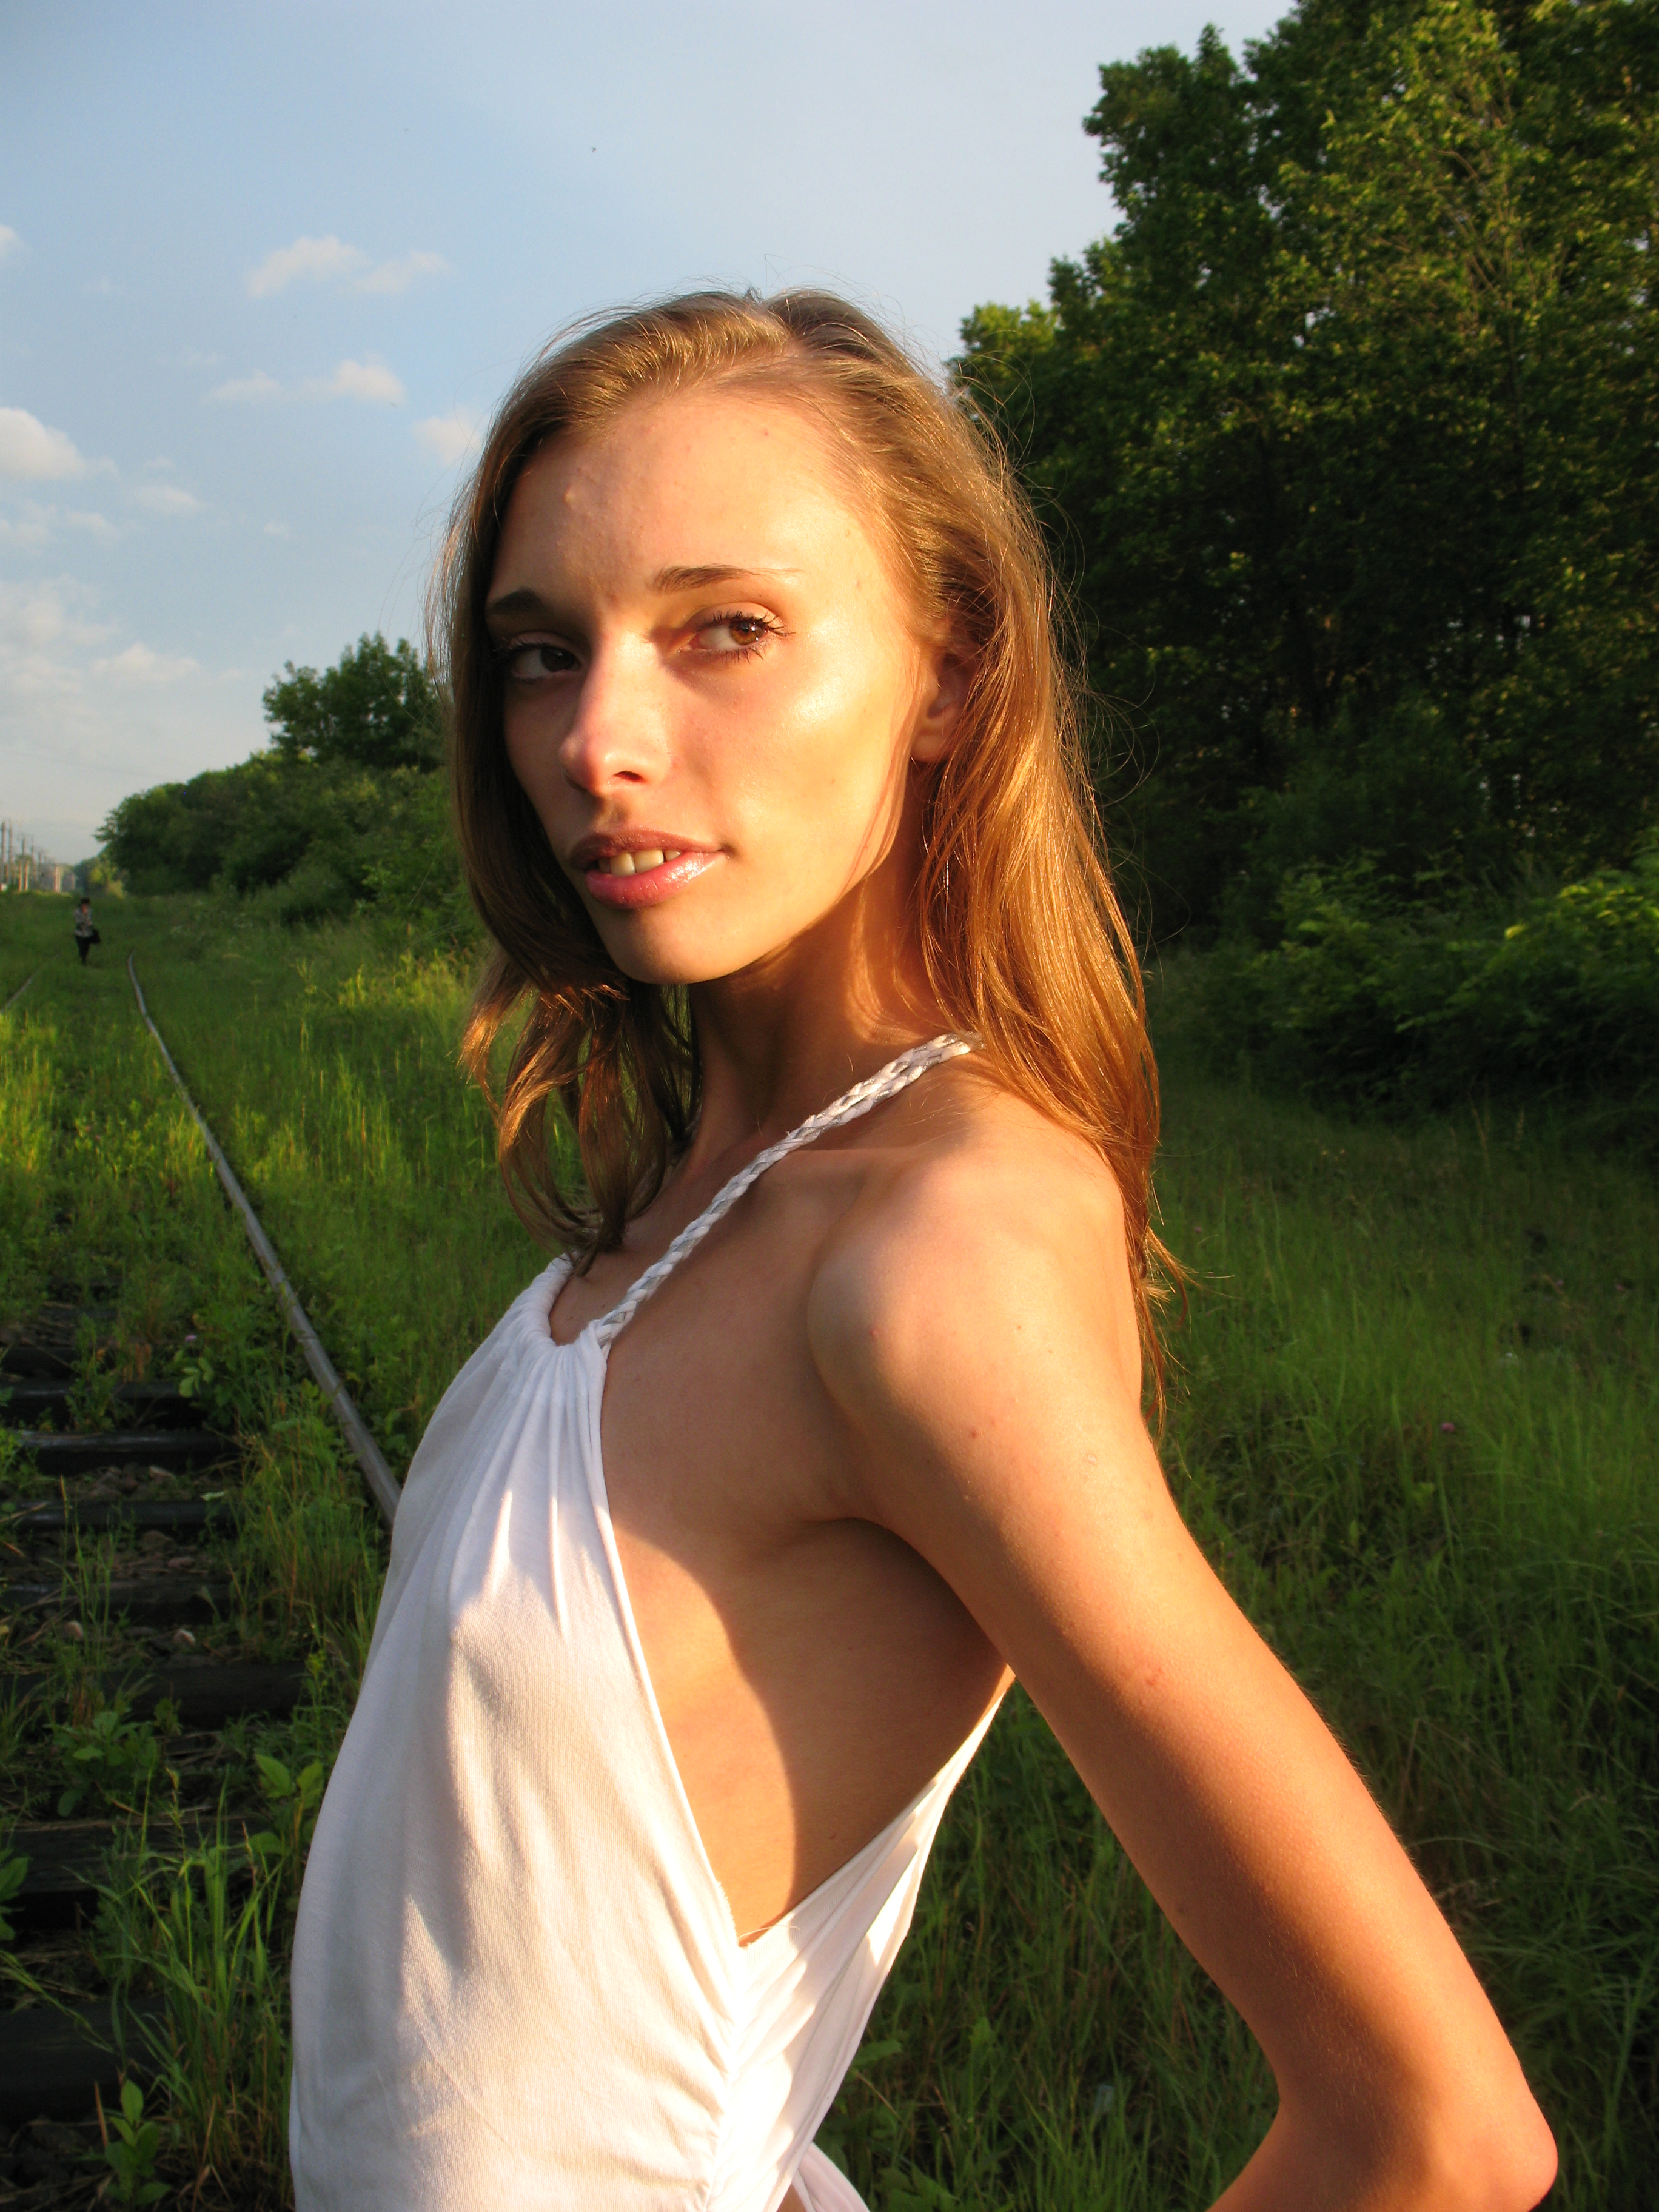 Все проститутки Нового Уренгоя на сайте SexoNu.ru